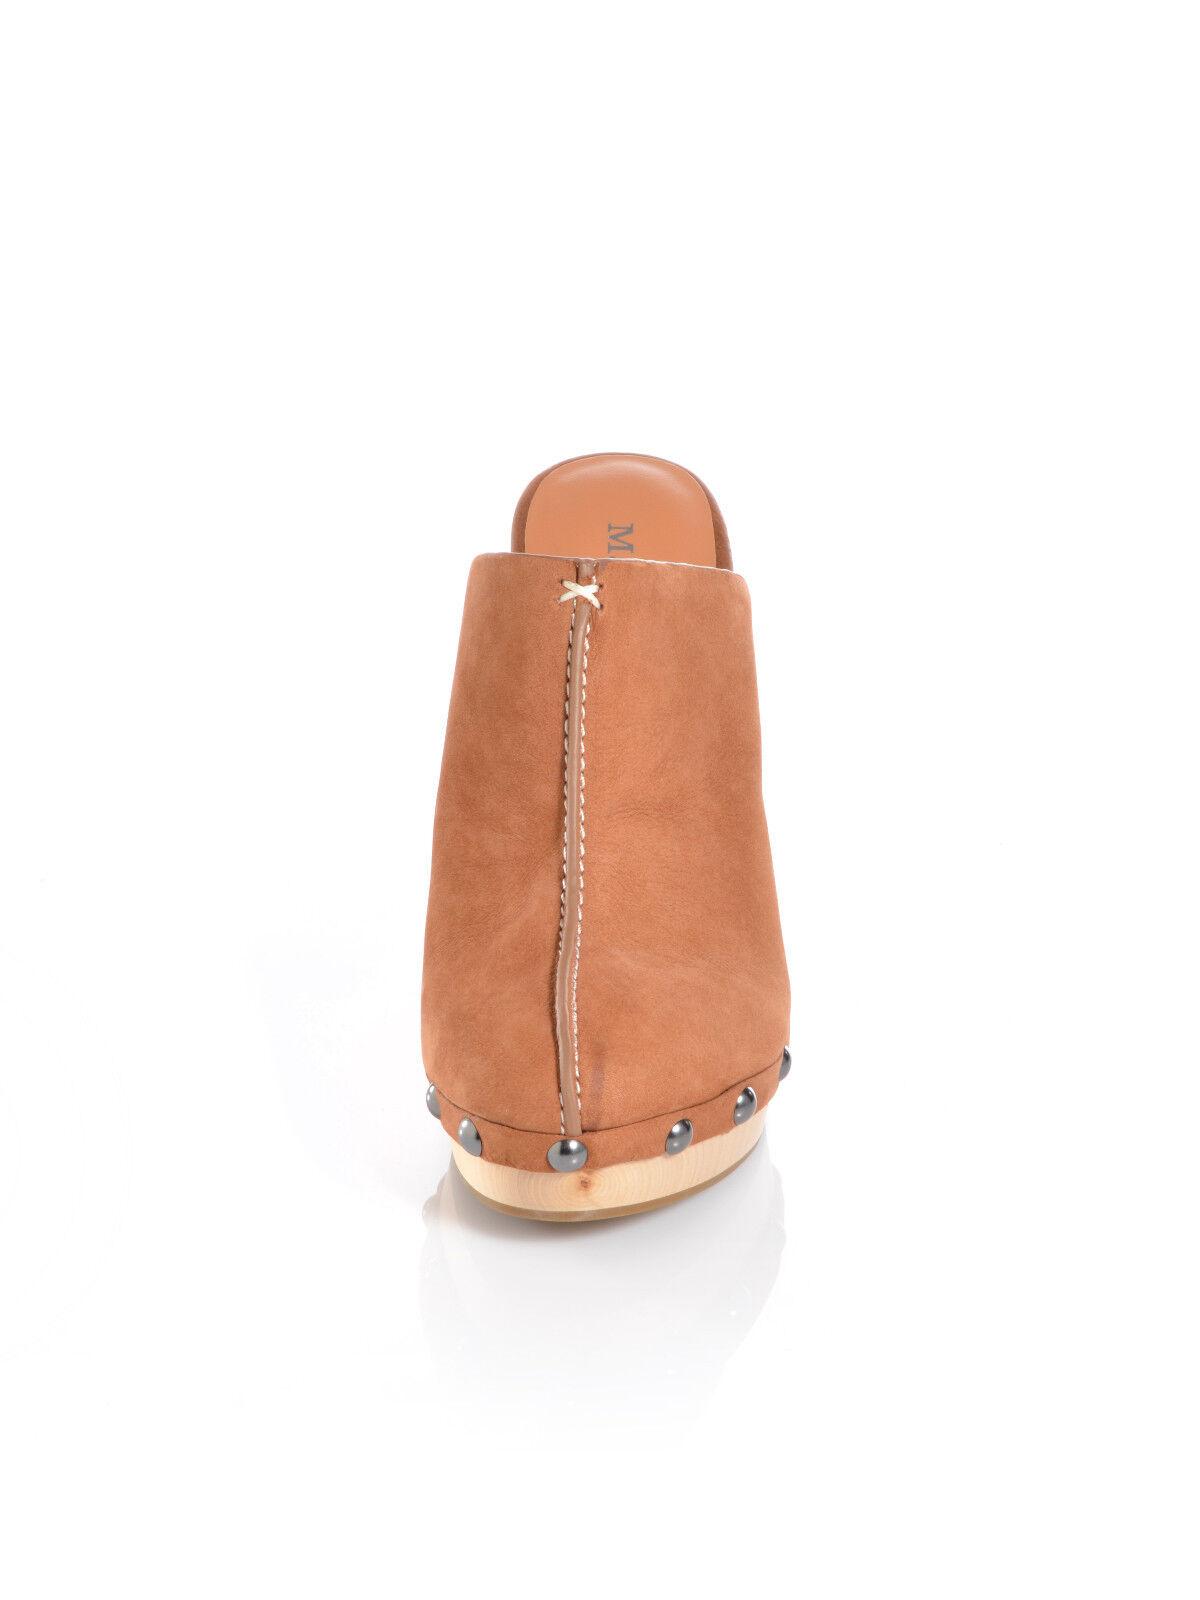 Marc O'Polo Damen Schuhe Pantoletten Leder 41 sand MOP SB7 Gr. 41 Leder 03183957603 e6784b